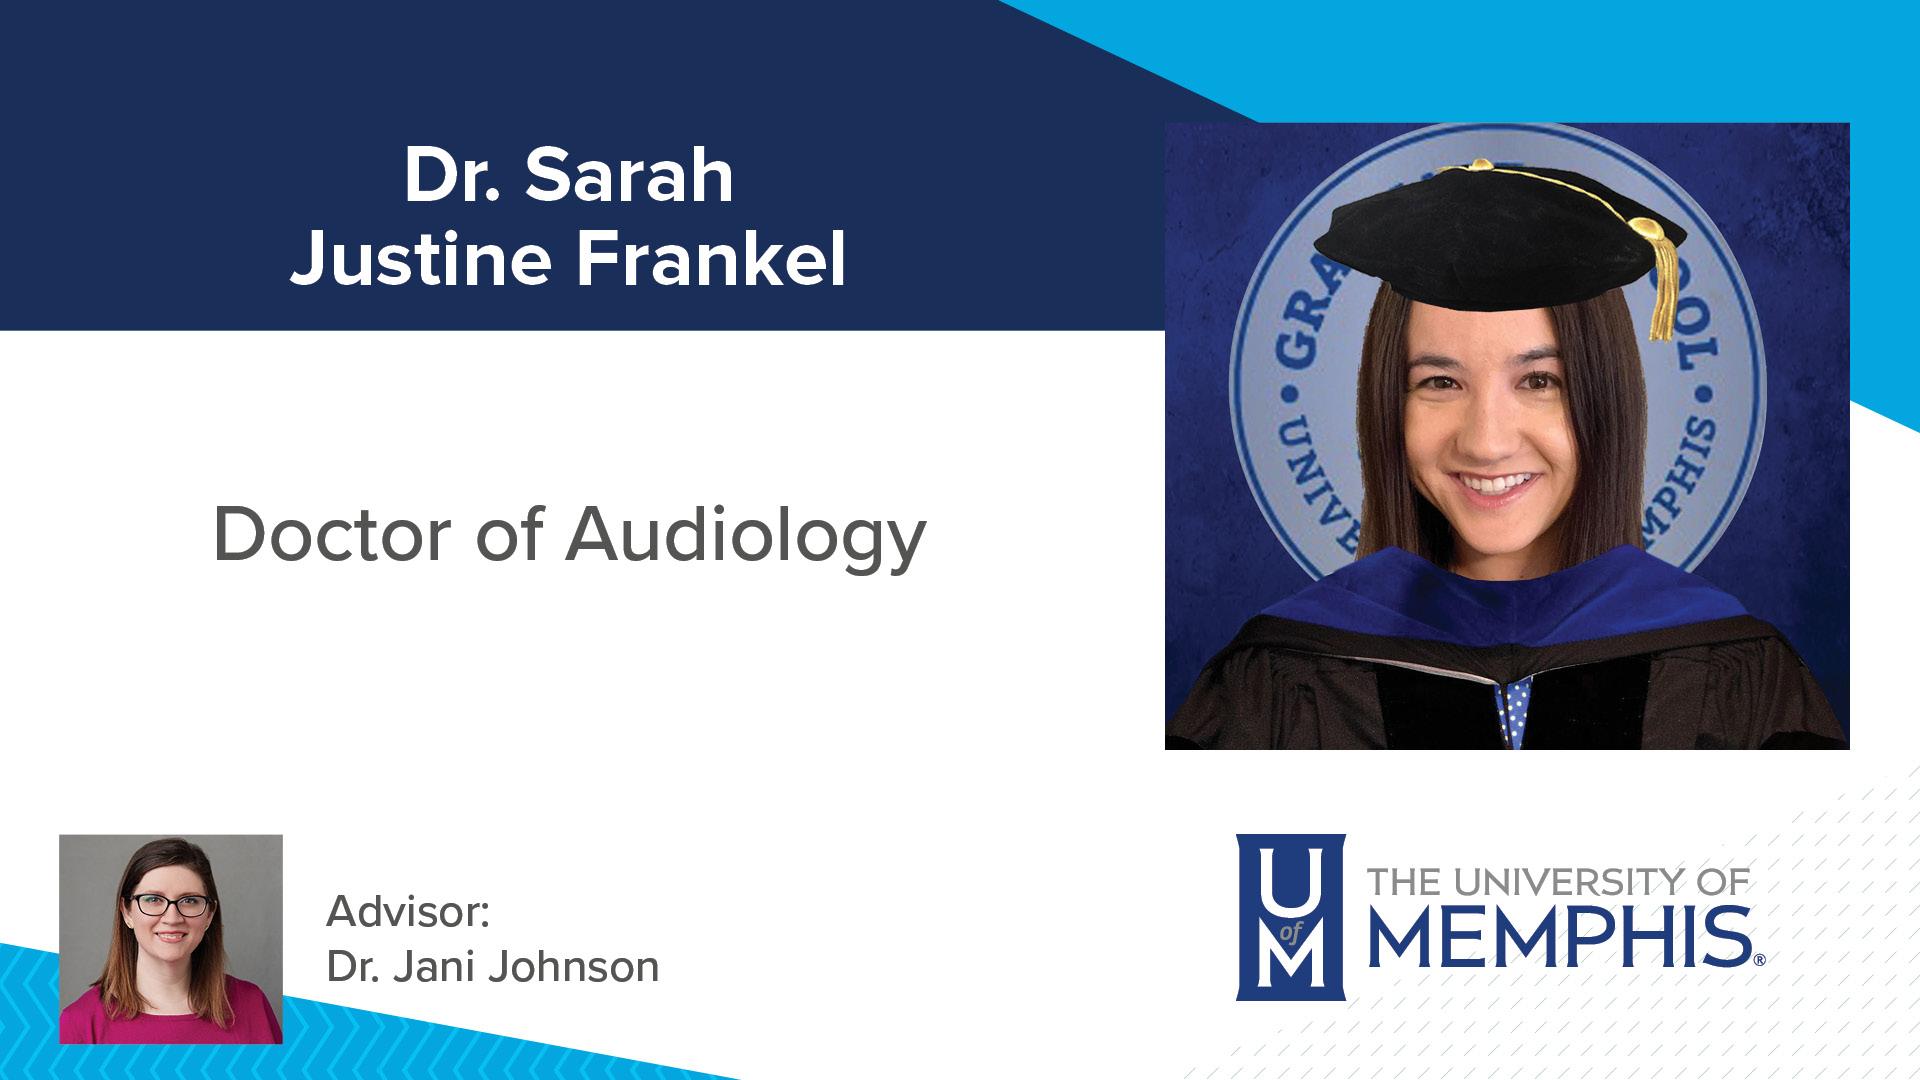 Dr. Sarah Justine Frankel Major Professor: Dr. Jani Johnson